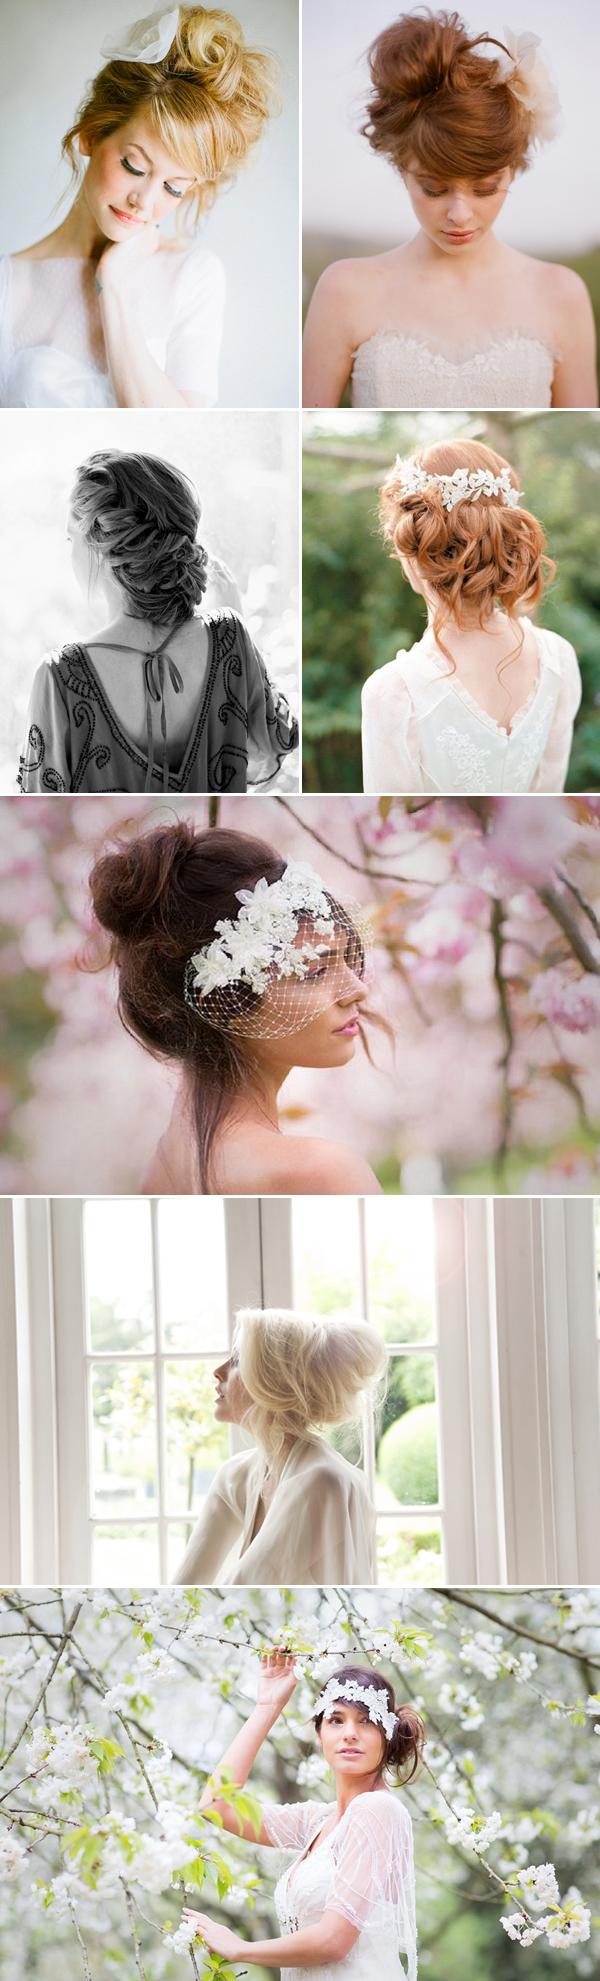 4 kiểu tóc cô dâu không quá cầu kỳ mà lãng mạn